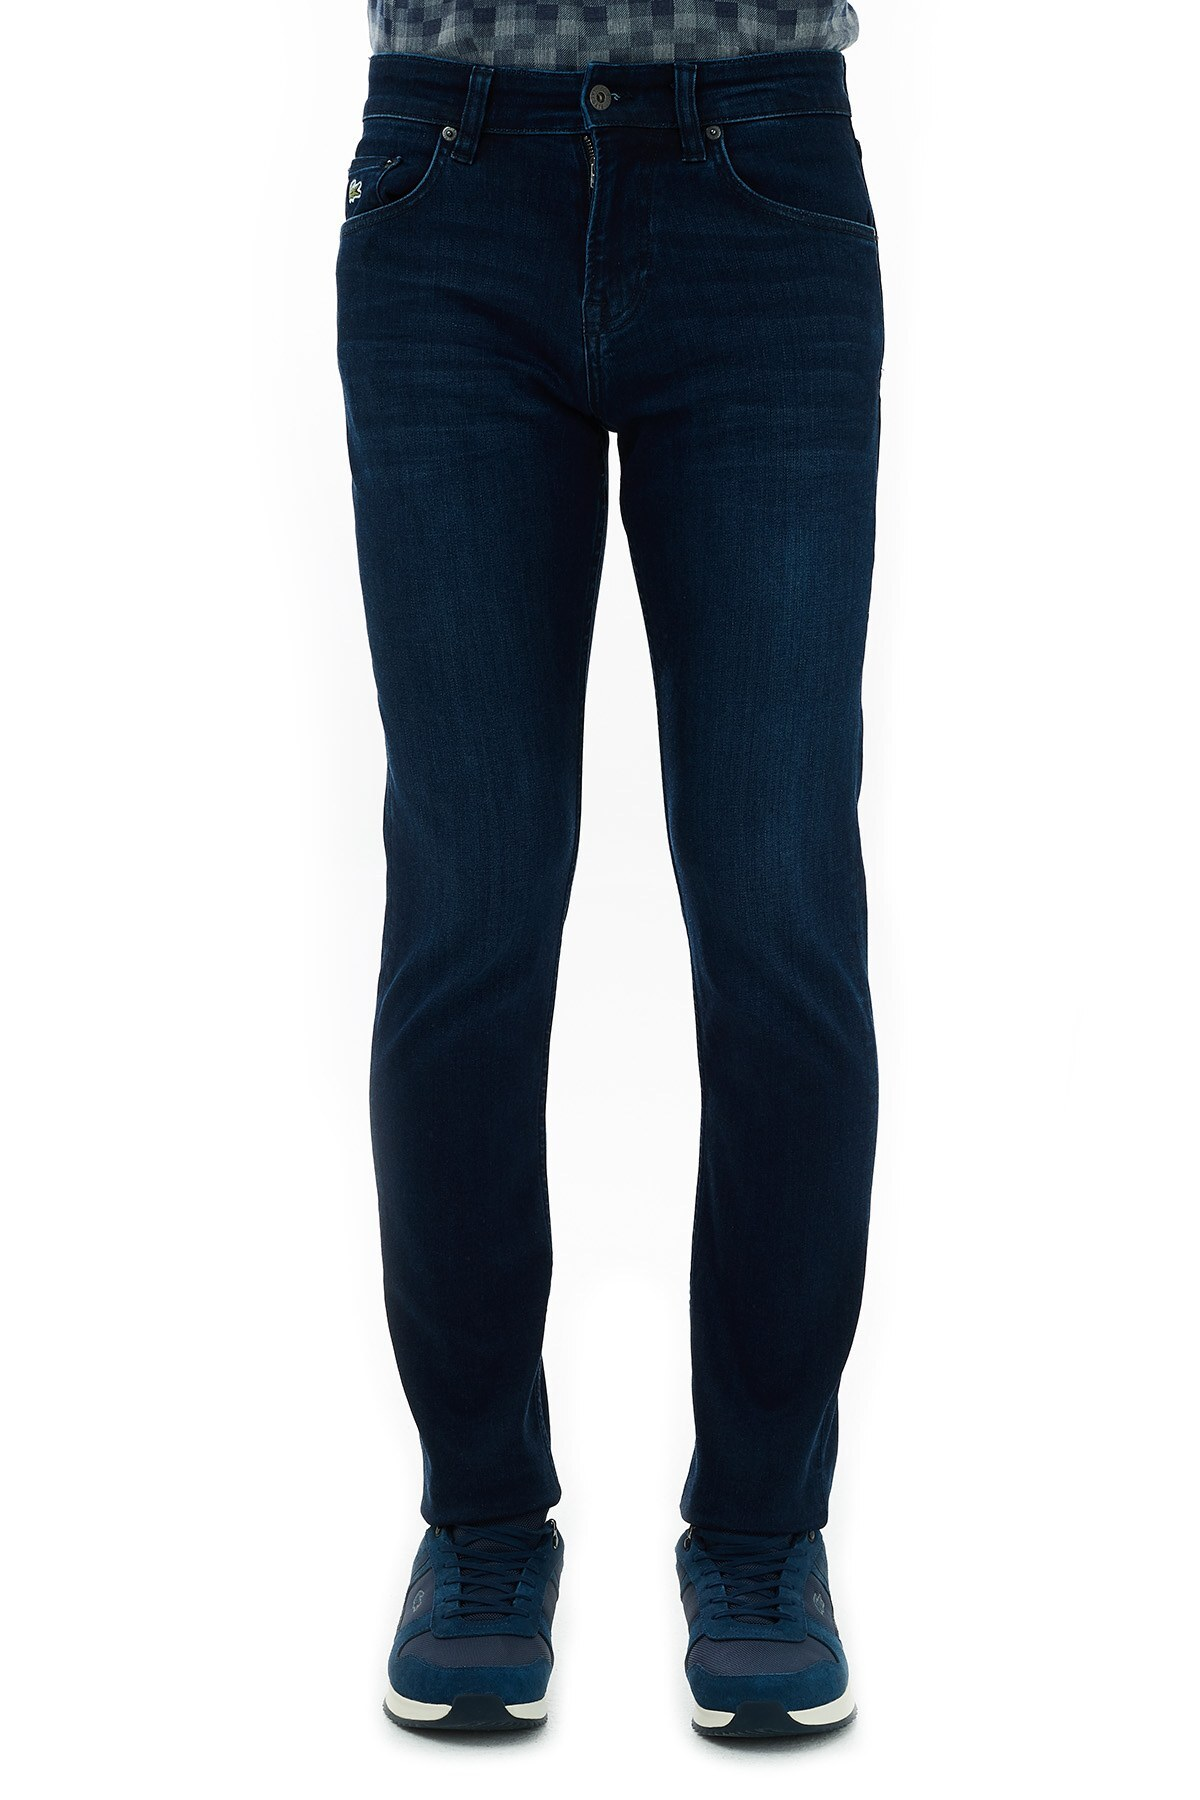 Lacoste Slim Fit Cepli Erkek Pantolon HH2054 54L LACİVERT